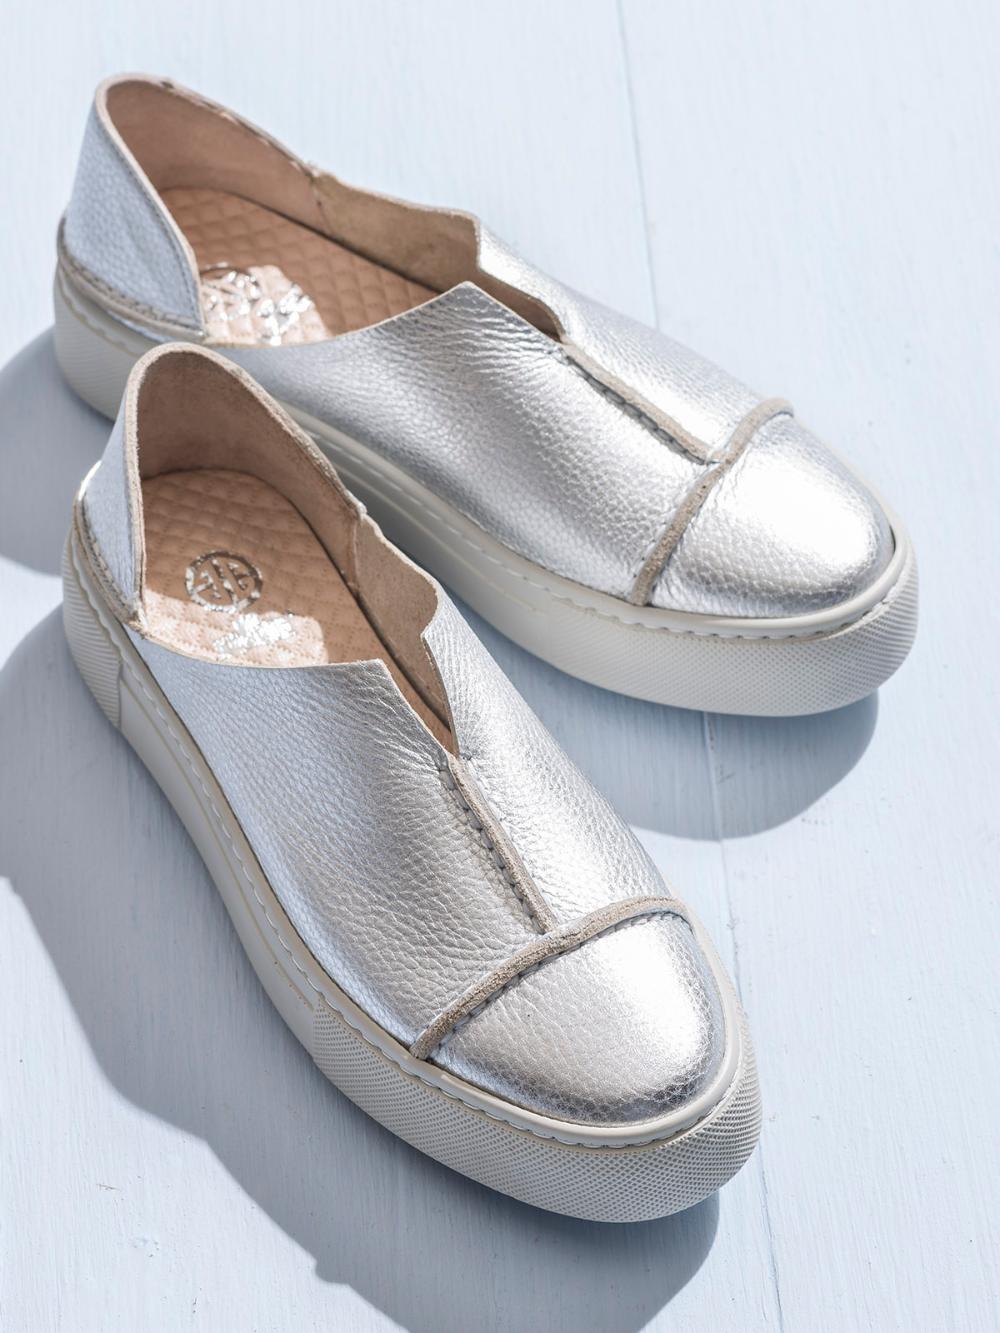 Duz Ayakkabi Modelleri Ve Fiyatlari Elle Shoes Sayfa 2 Ayakkabilar Oxford Ayakkabilar Sneaker